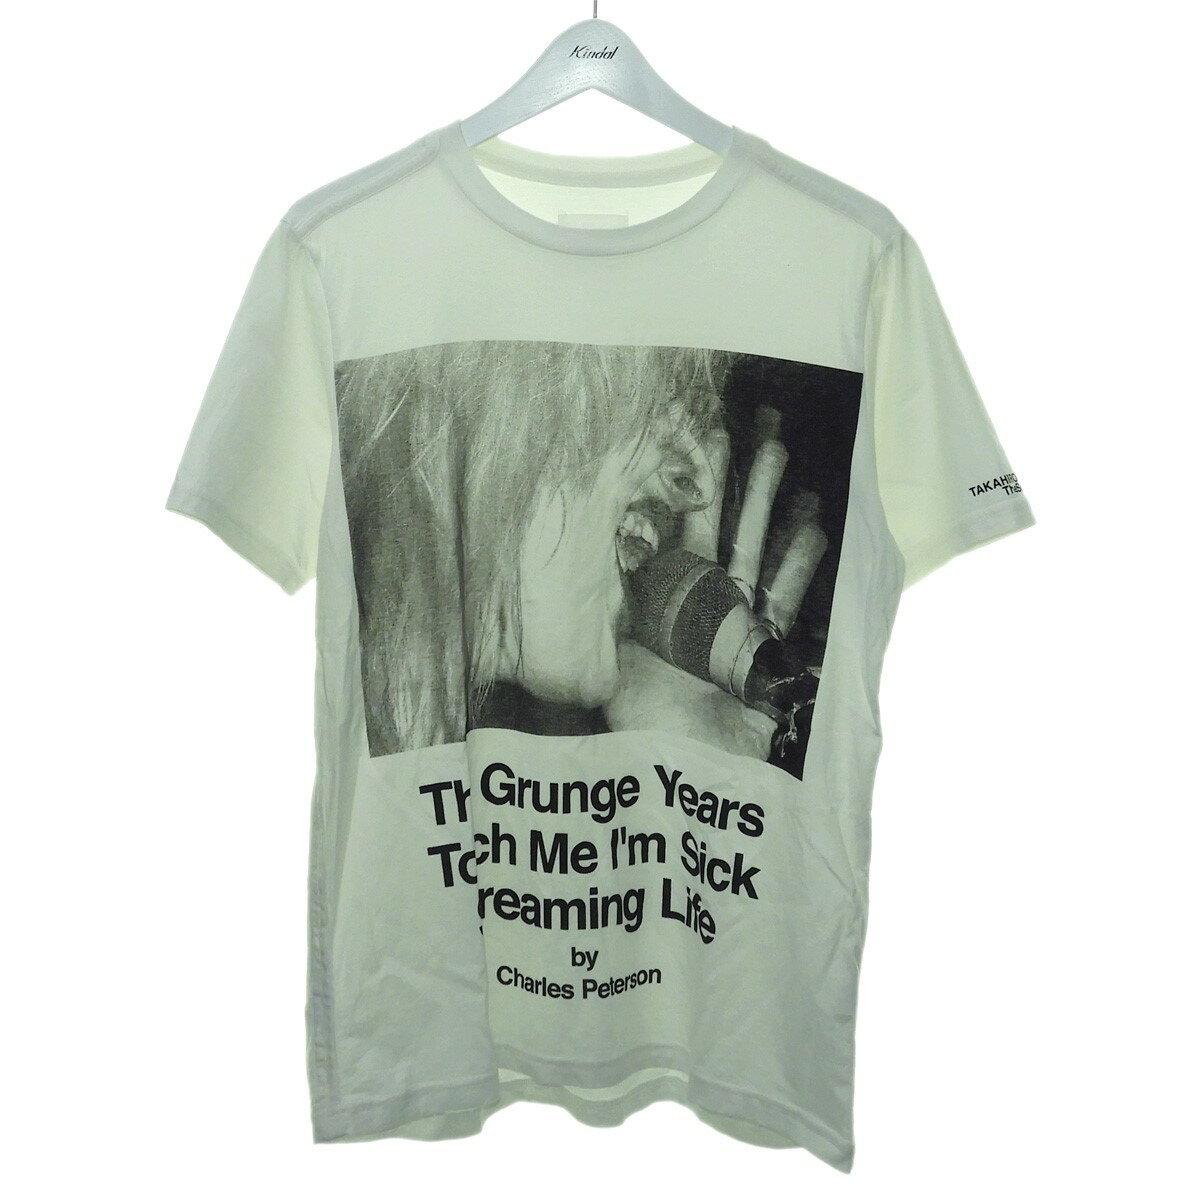 トップス, Tシャツ・カットソー TAKAHIROMIYASHITA TheSoloIst 2019SS T 46 170820